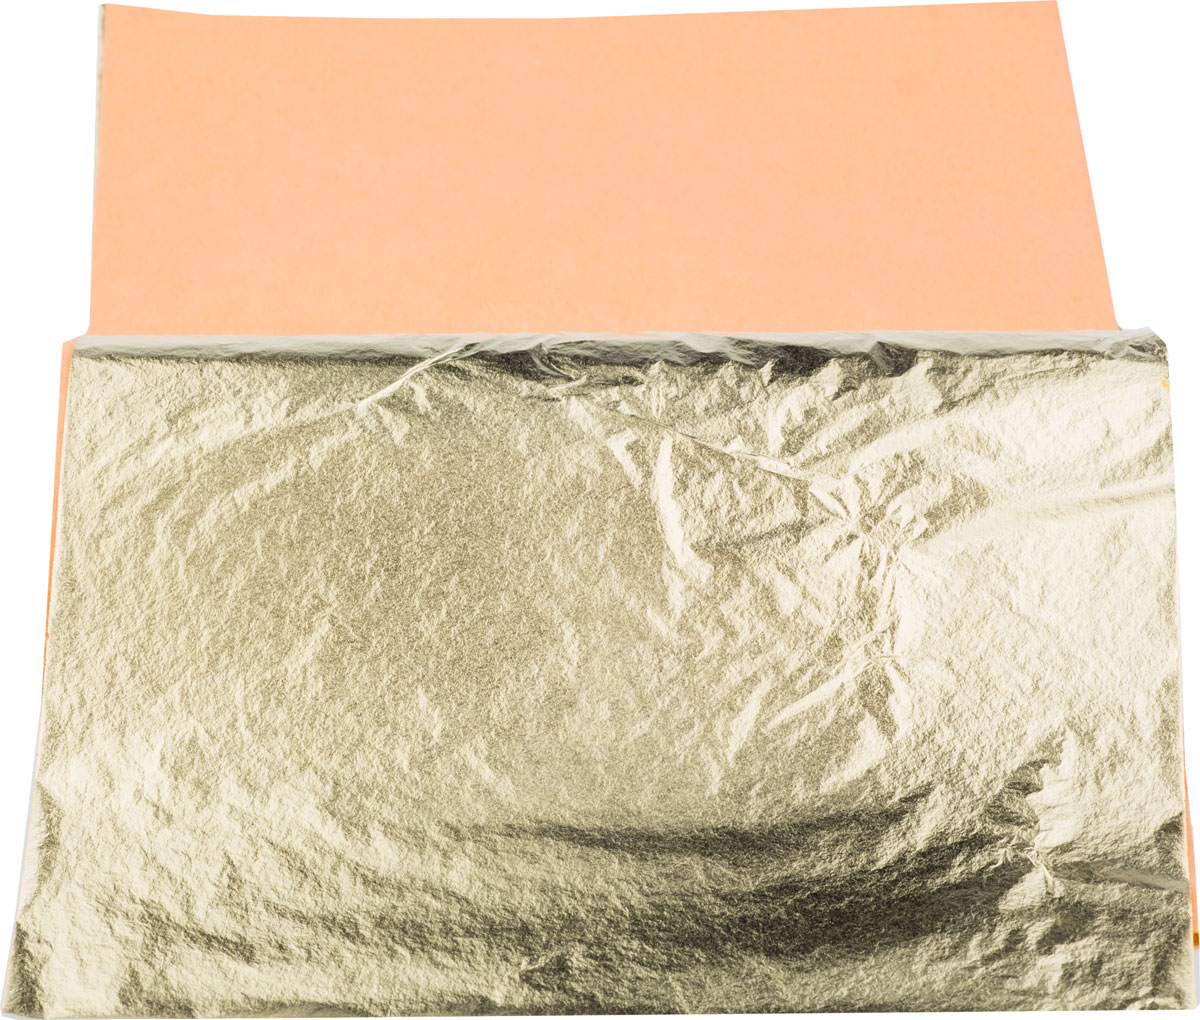 Ferrario Поталь для золочения в листах CO235300CO235300Поталь серии LA DORATURA итальянской компании Ferrario – это имитация сусального золота, серебра или меди, которая применяется для декорирования мебели и различных предметов интерьера. Она используется как в профессиональном декорировании, так и в любительском творчестве. Поталь в листах с имитацией золота представляет собой металлическую фольгу золотого цвета. Может применяться для золочения предметов с различной поверхностью: дерево, керамика, стекло, картон, гипс и другие. Разрезать листы потали необходимо специальными острыми стальными ножами, иначе листы помнутся. Рекомендуется как можно меньше дотрагиваться до листов руками и использовать специальные инструменты и аксессуары для золочения. Поталь 14х14см. 25 листов.